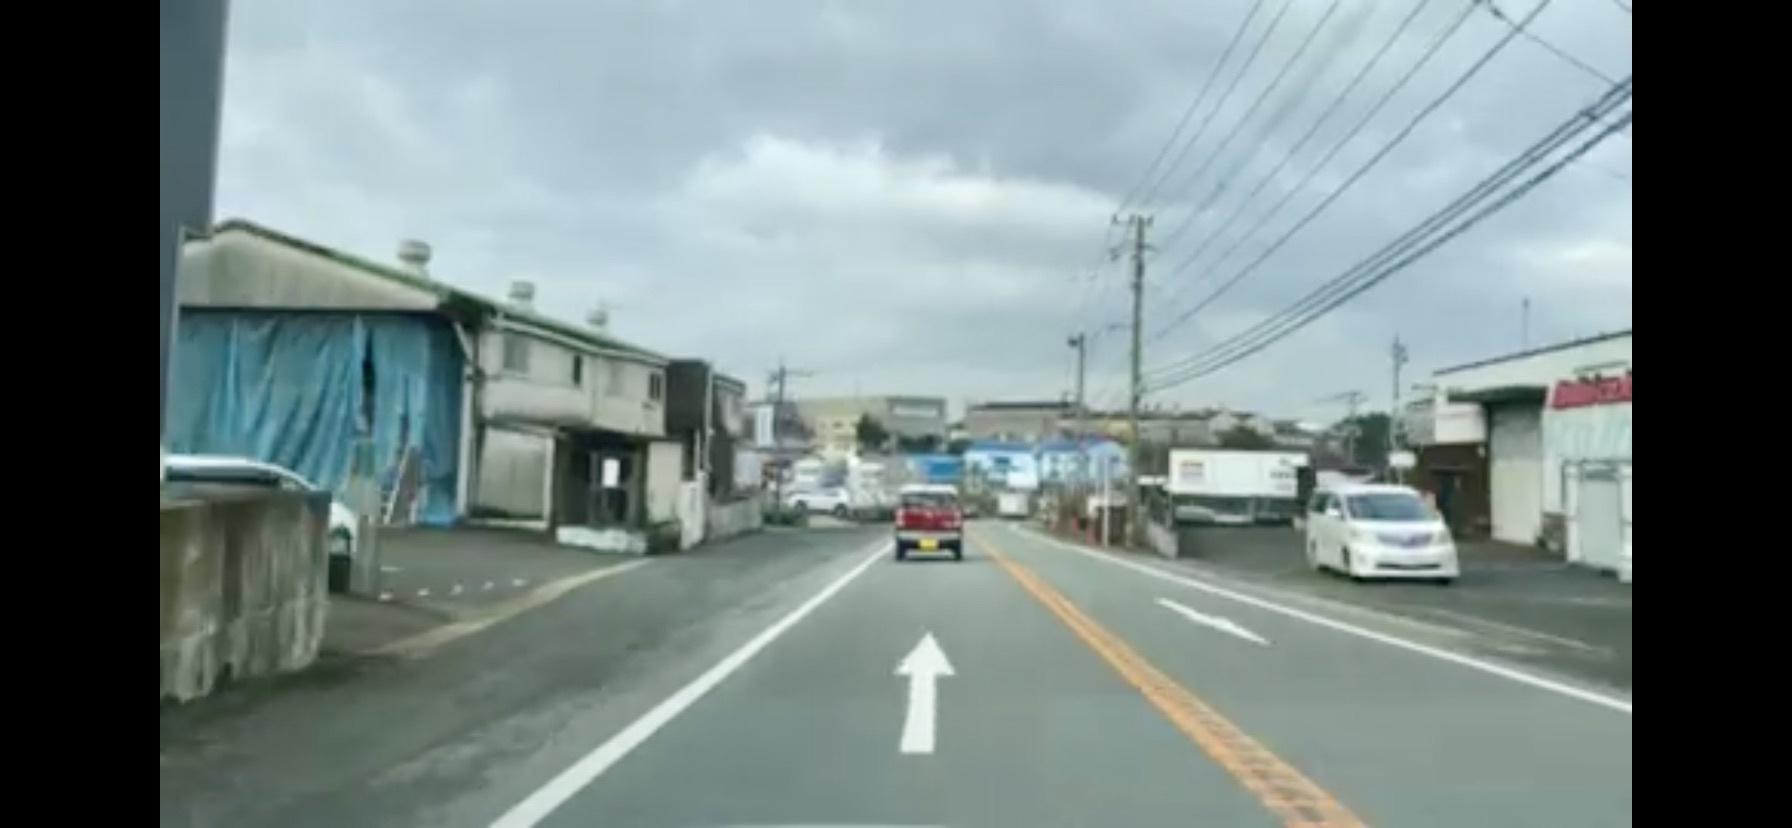 九州ぷらり車旅(後編)_e0071652_12125905.jpeg